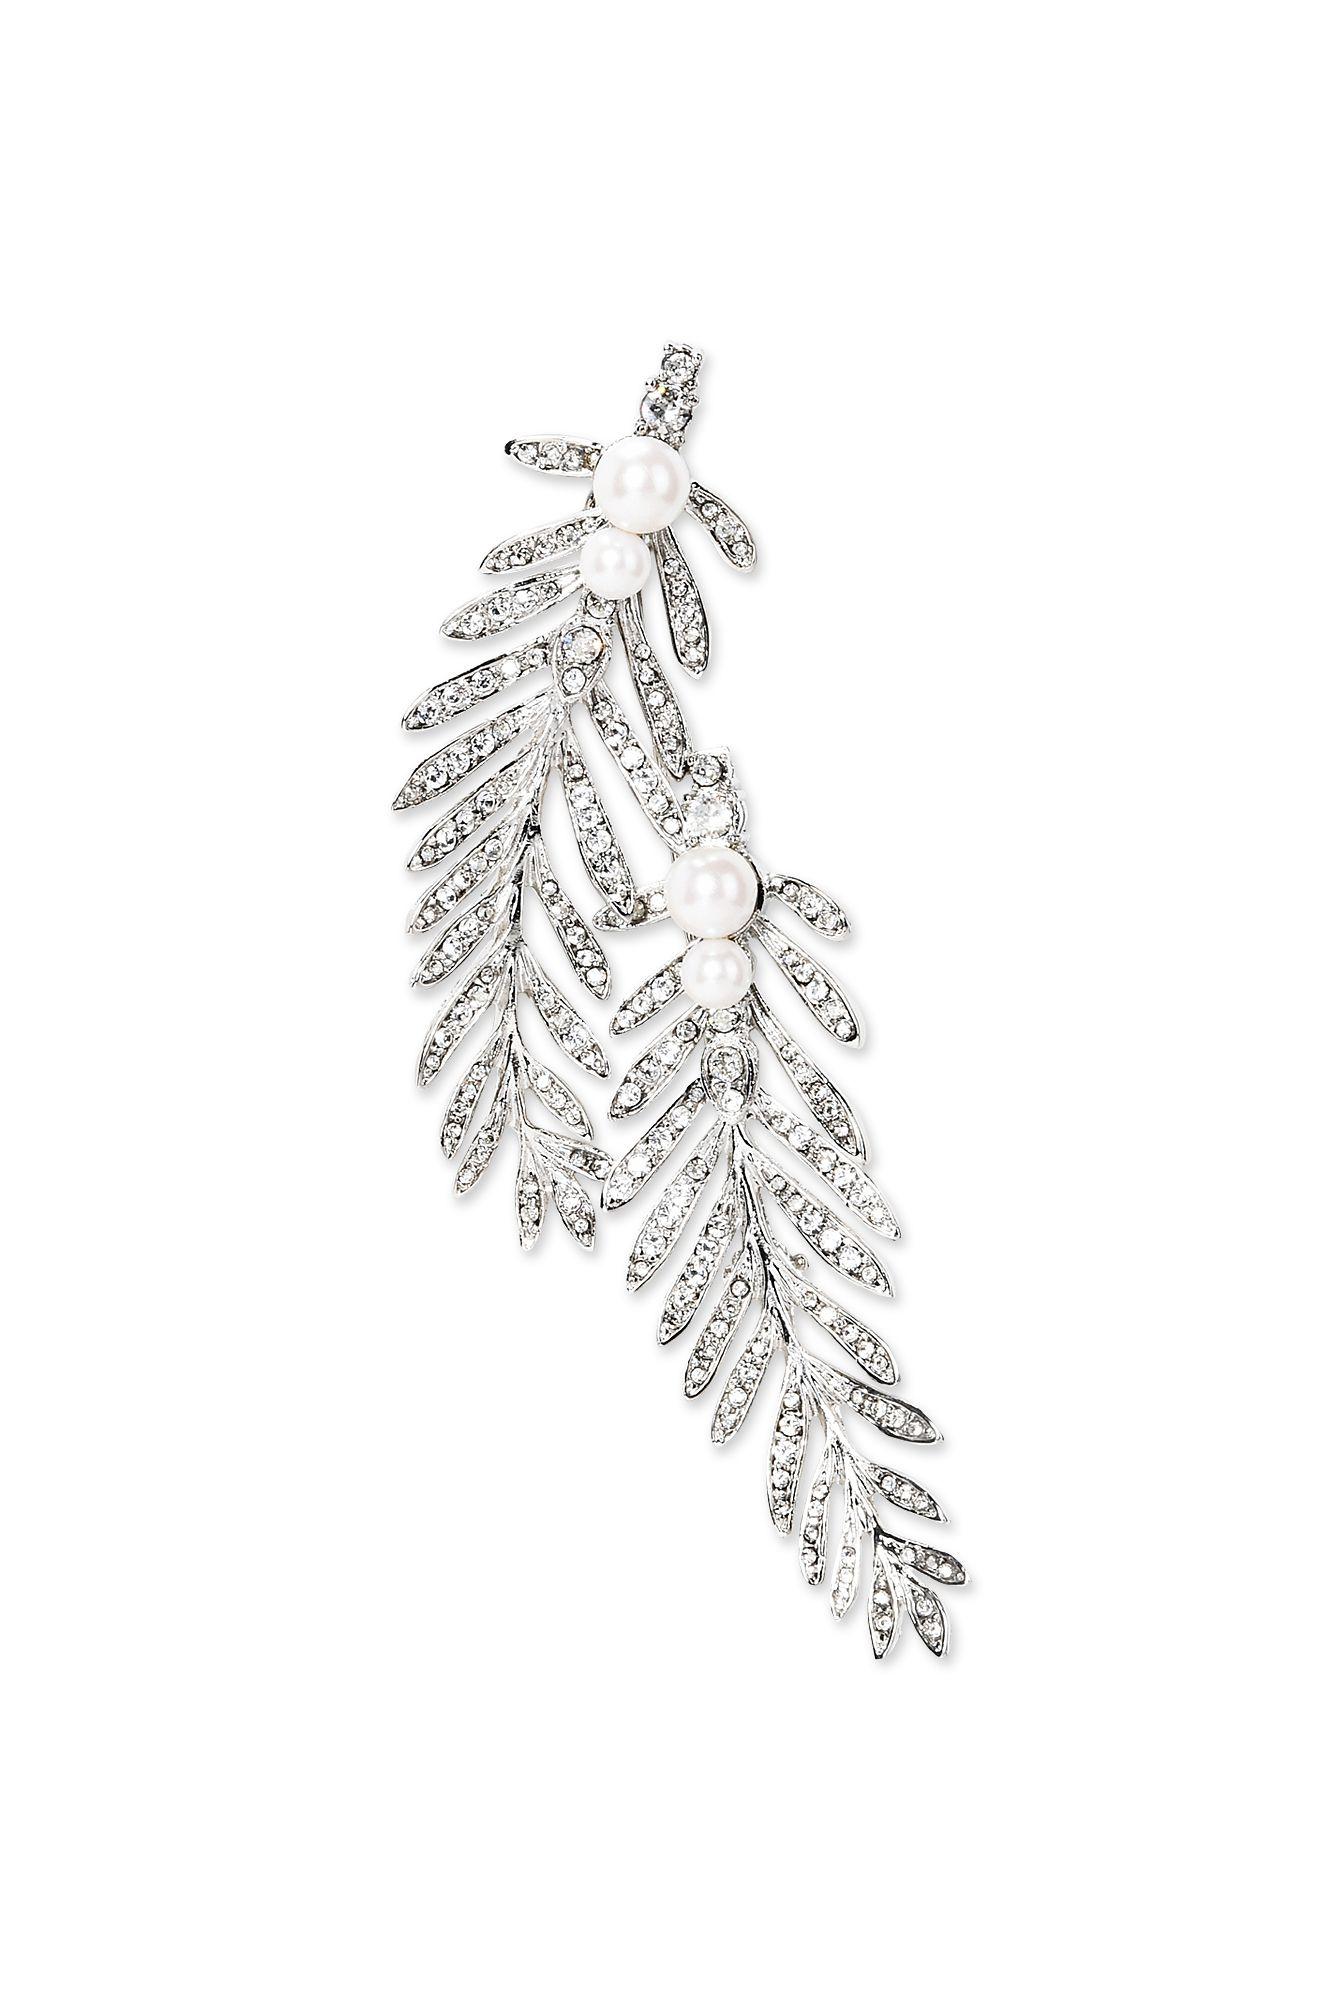 Foliage pin